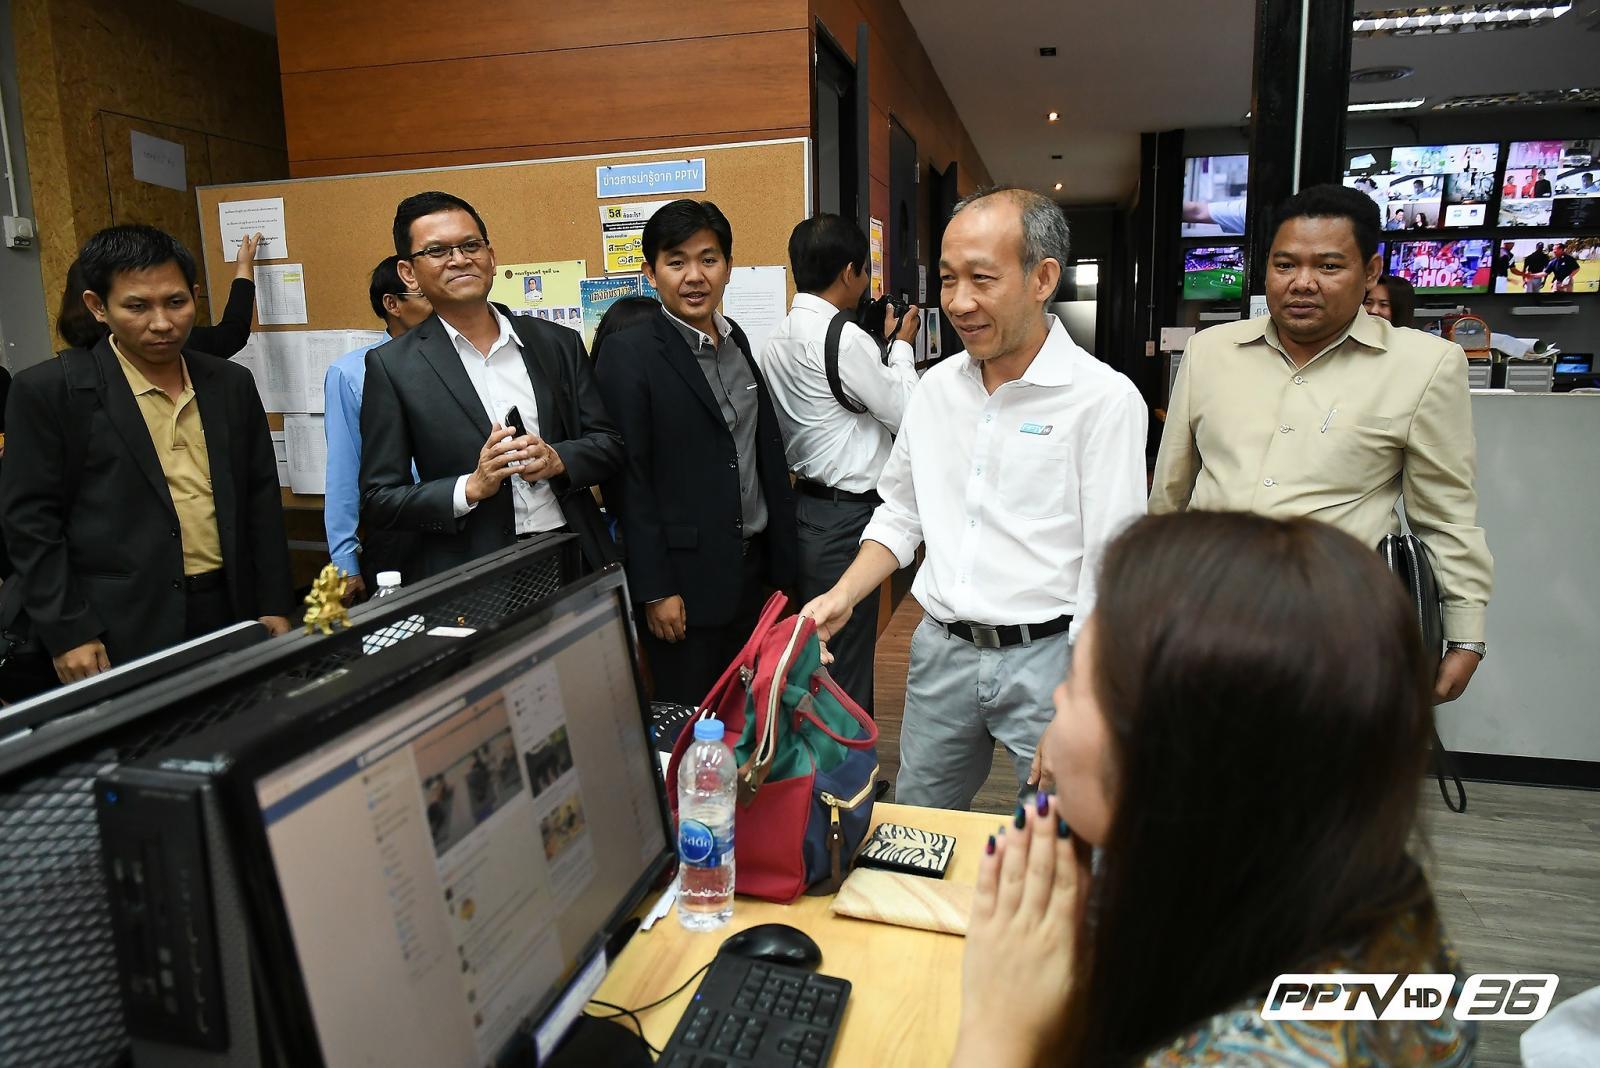 สื่อมวลชนกัมพูชาดูงานสถานีโทรทัศน์พีพีทีวี